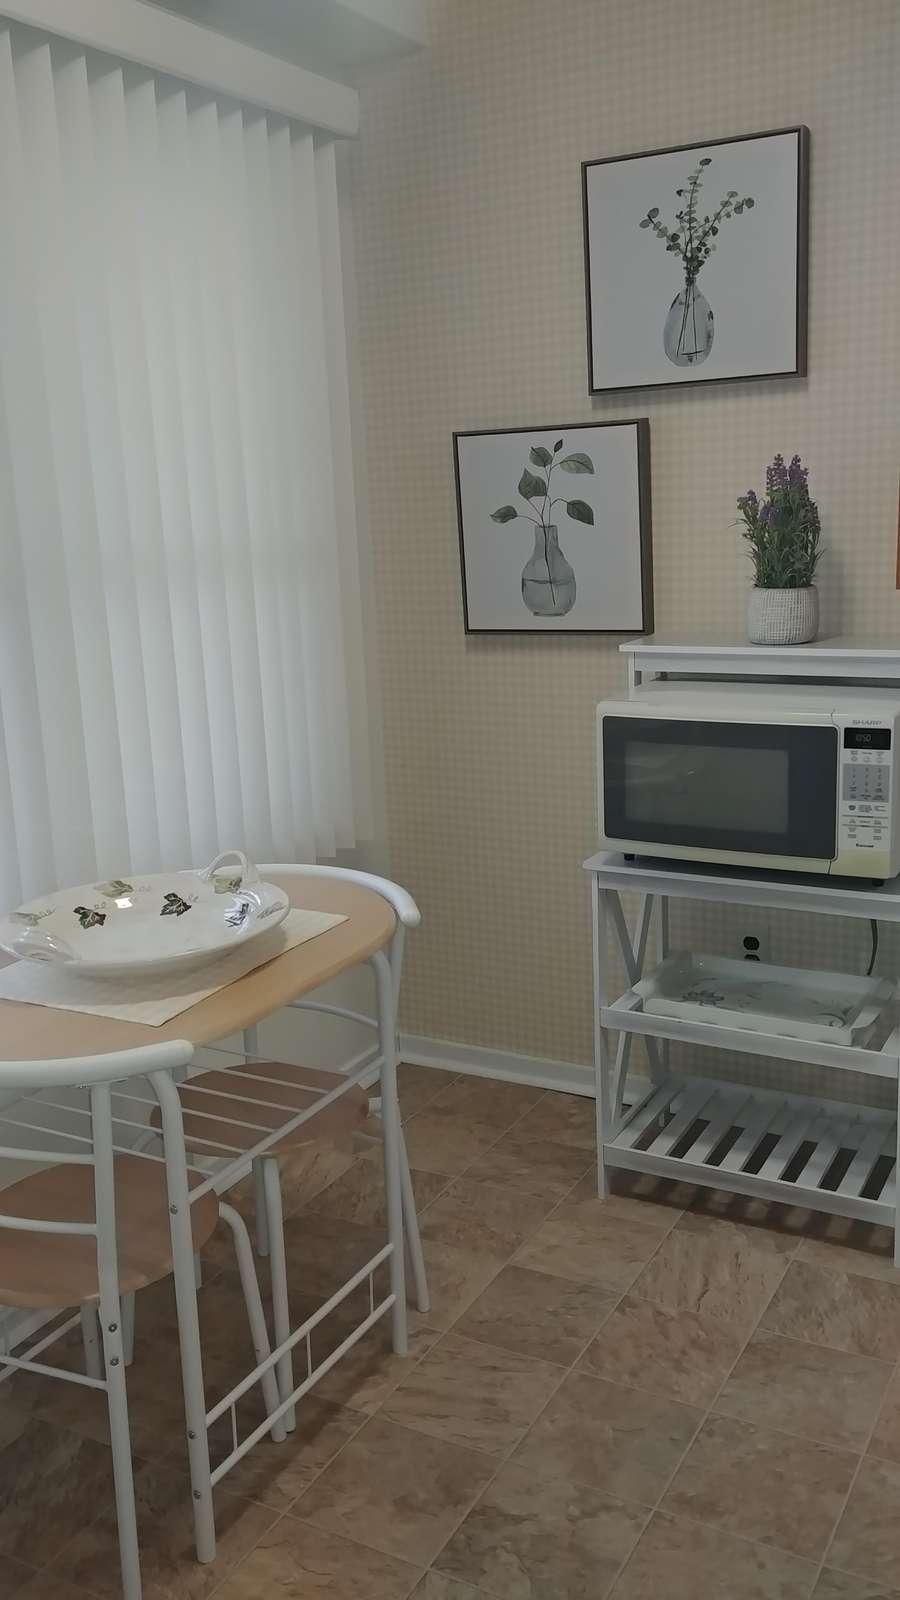 kitchen/bistro set